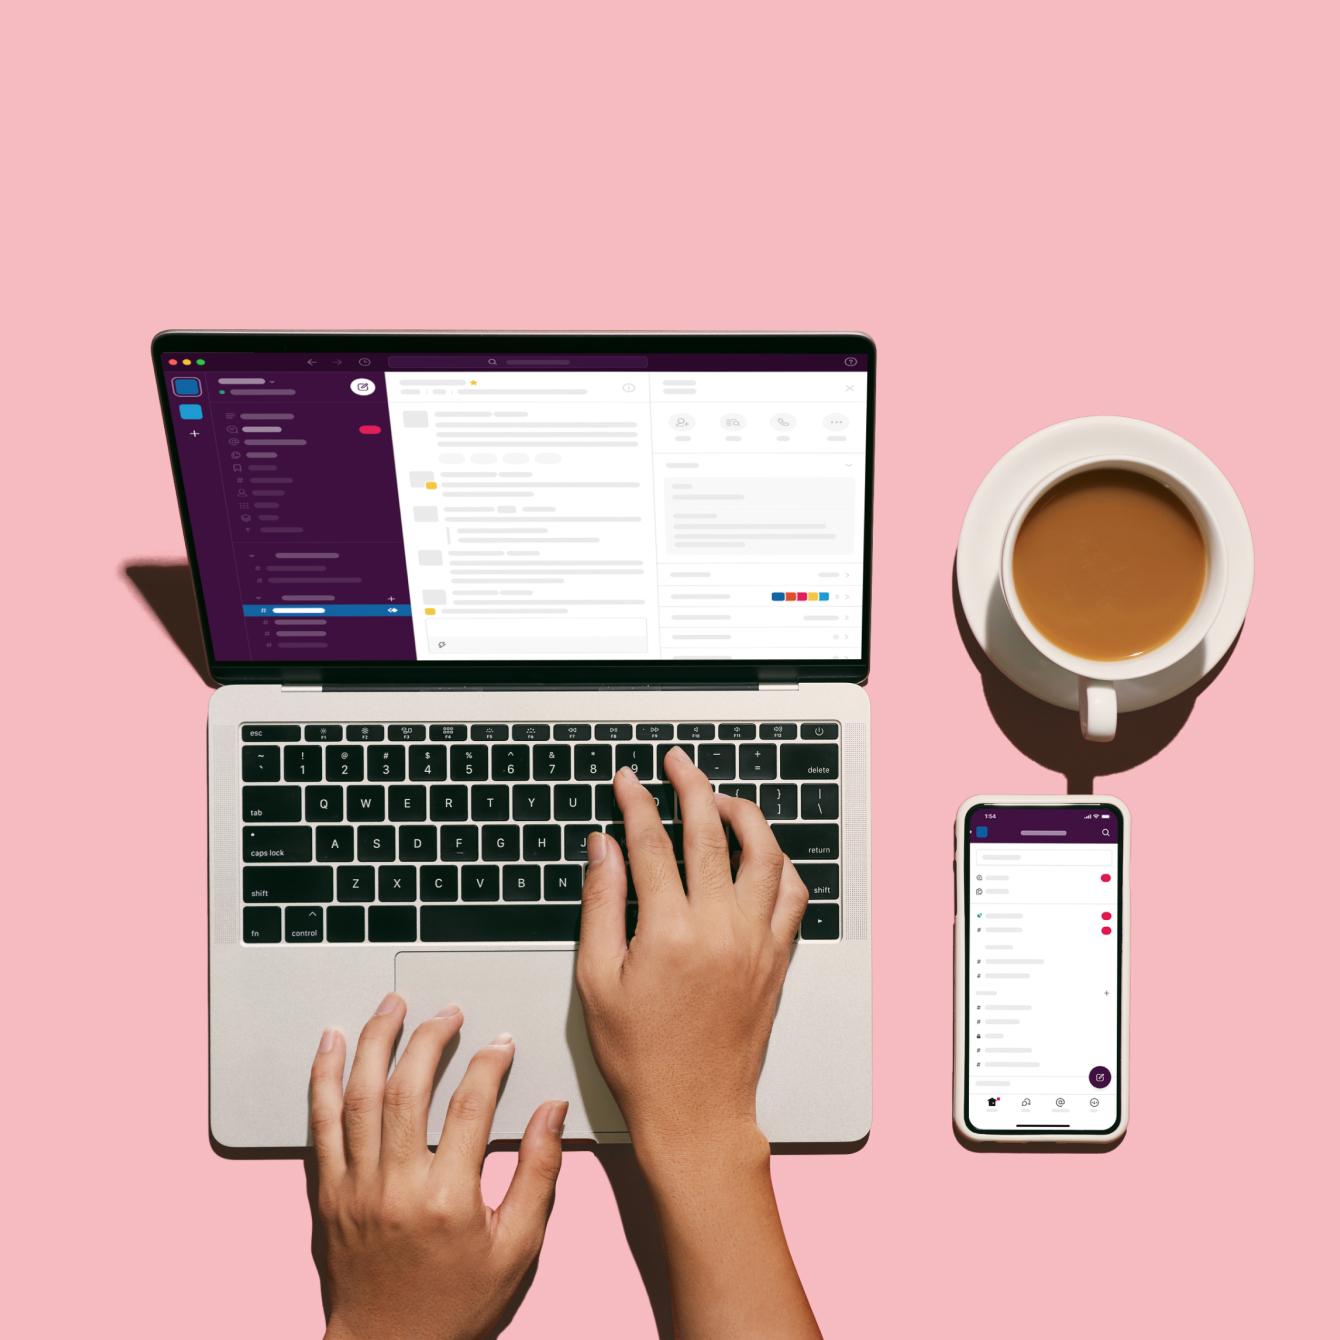 Tela de computador com uma xícara de café e um celular na mesa